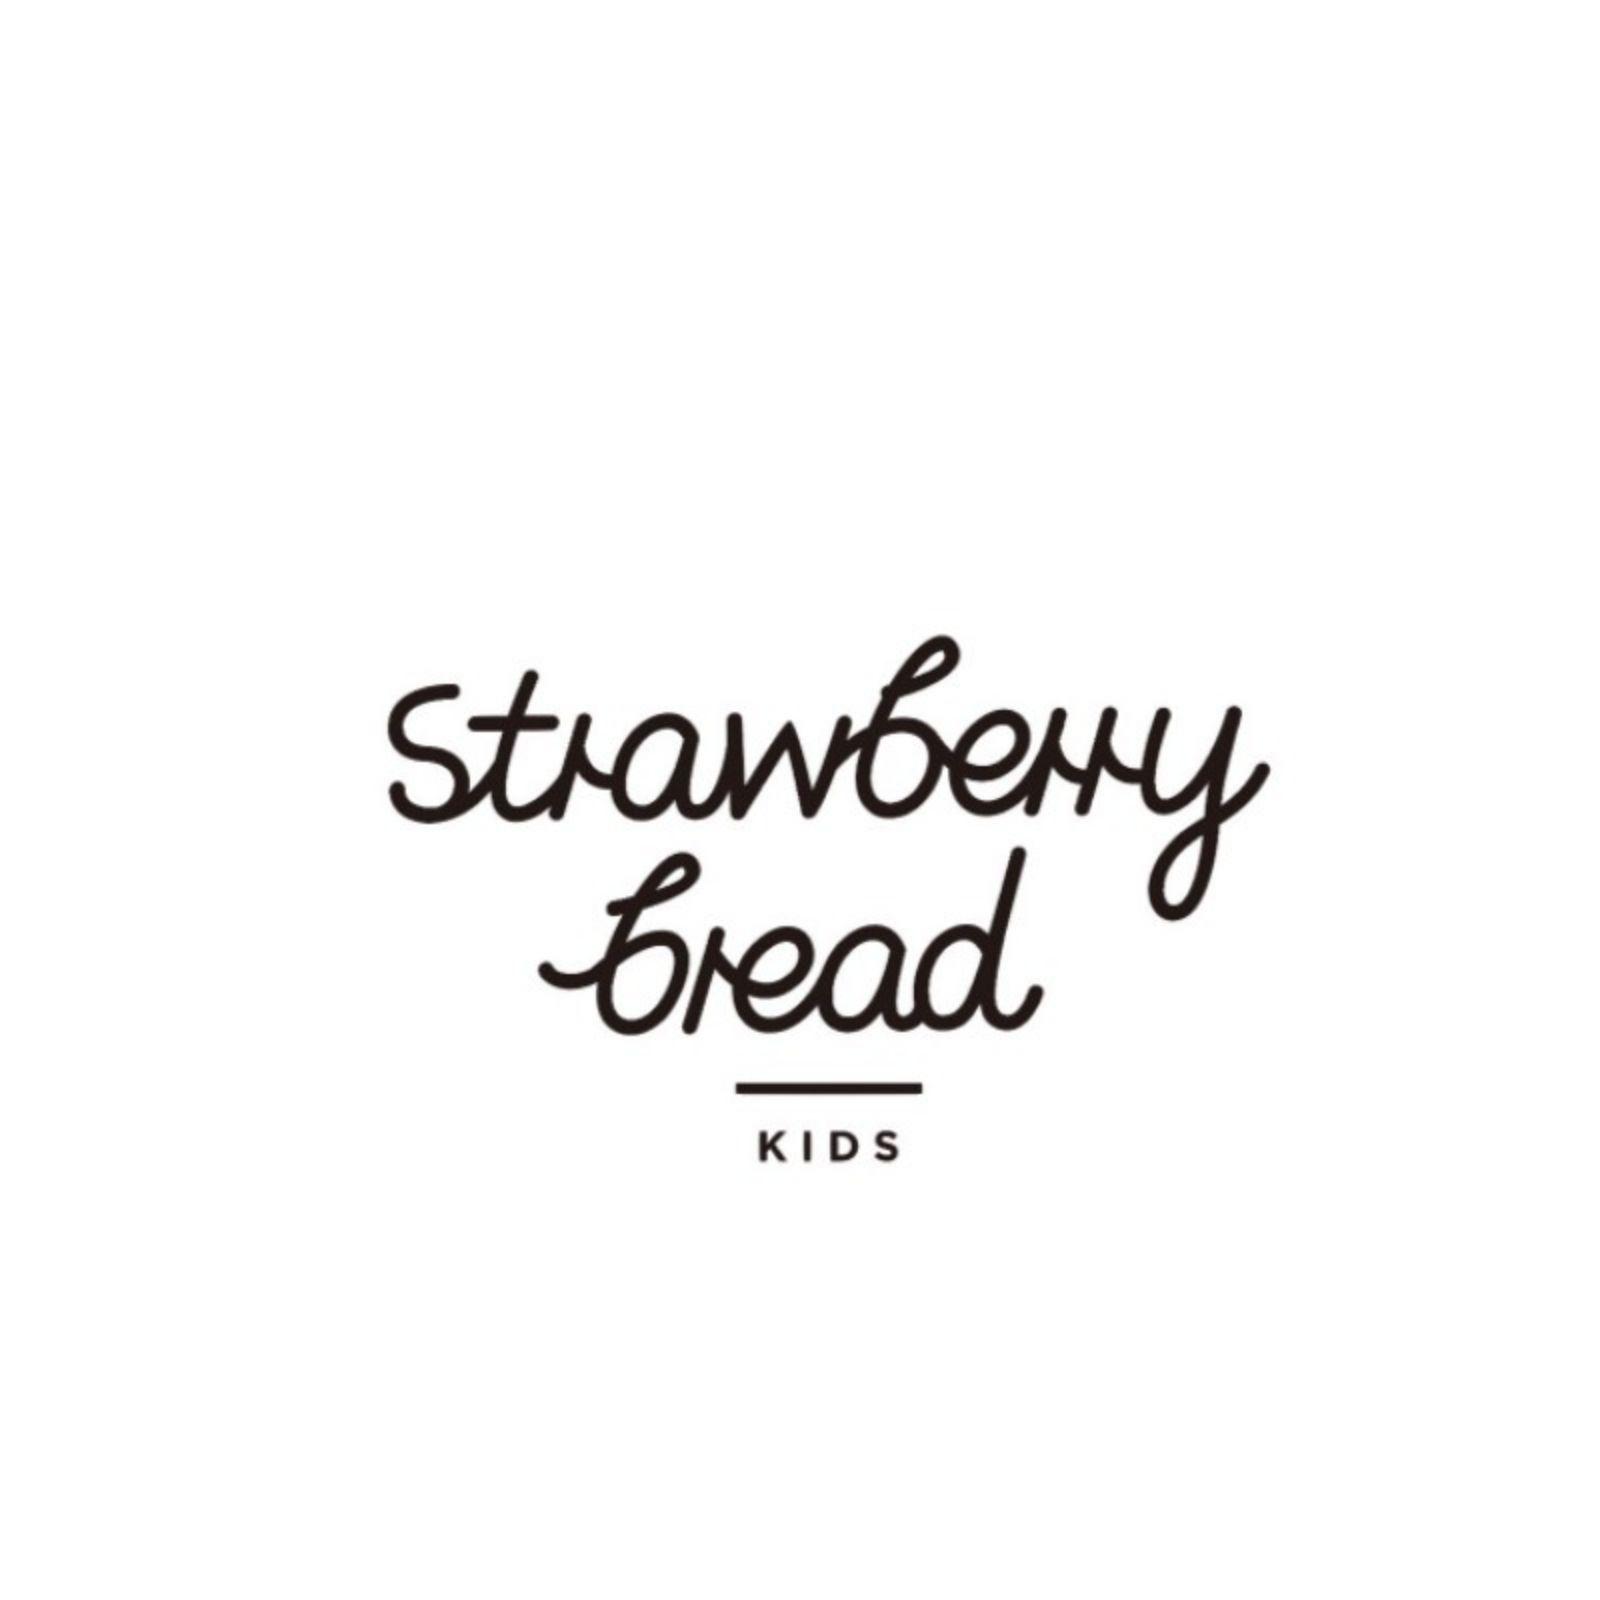 Strawbemy Bread